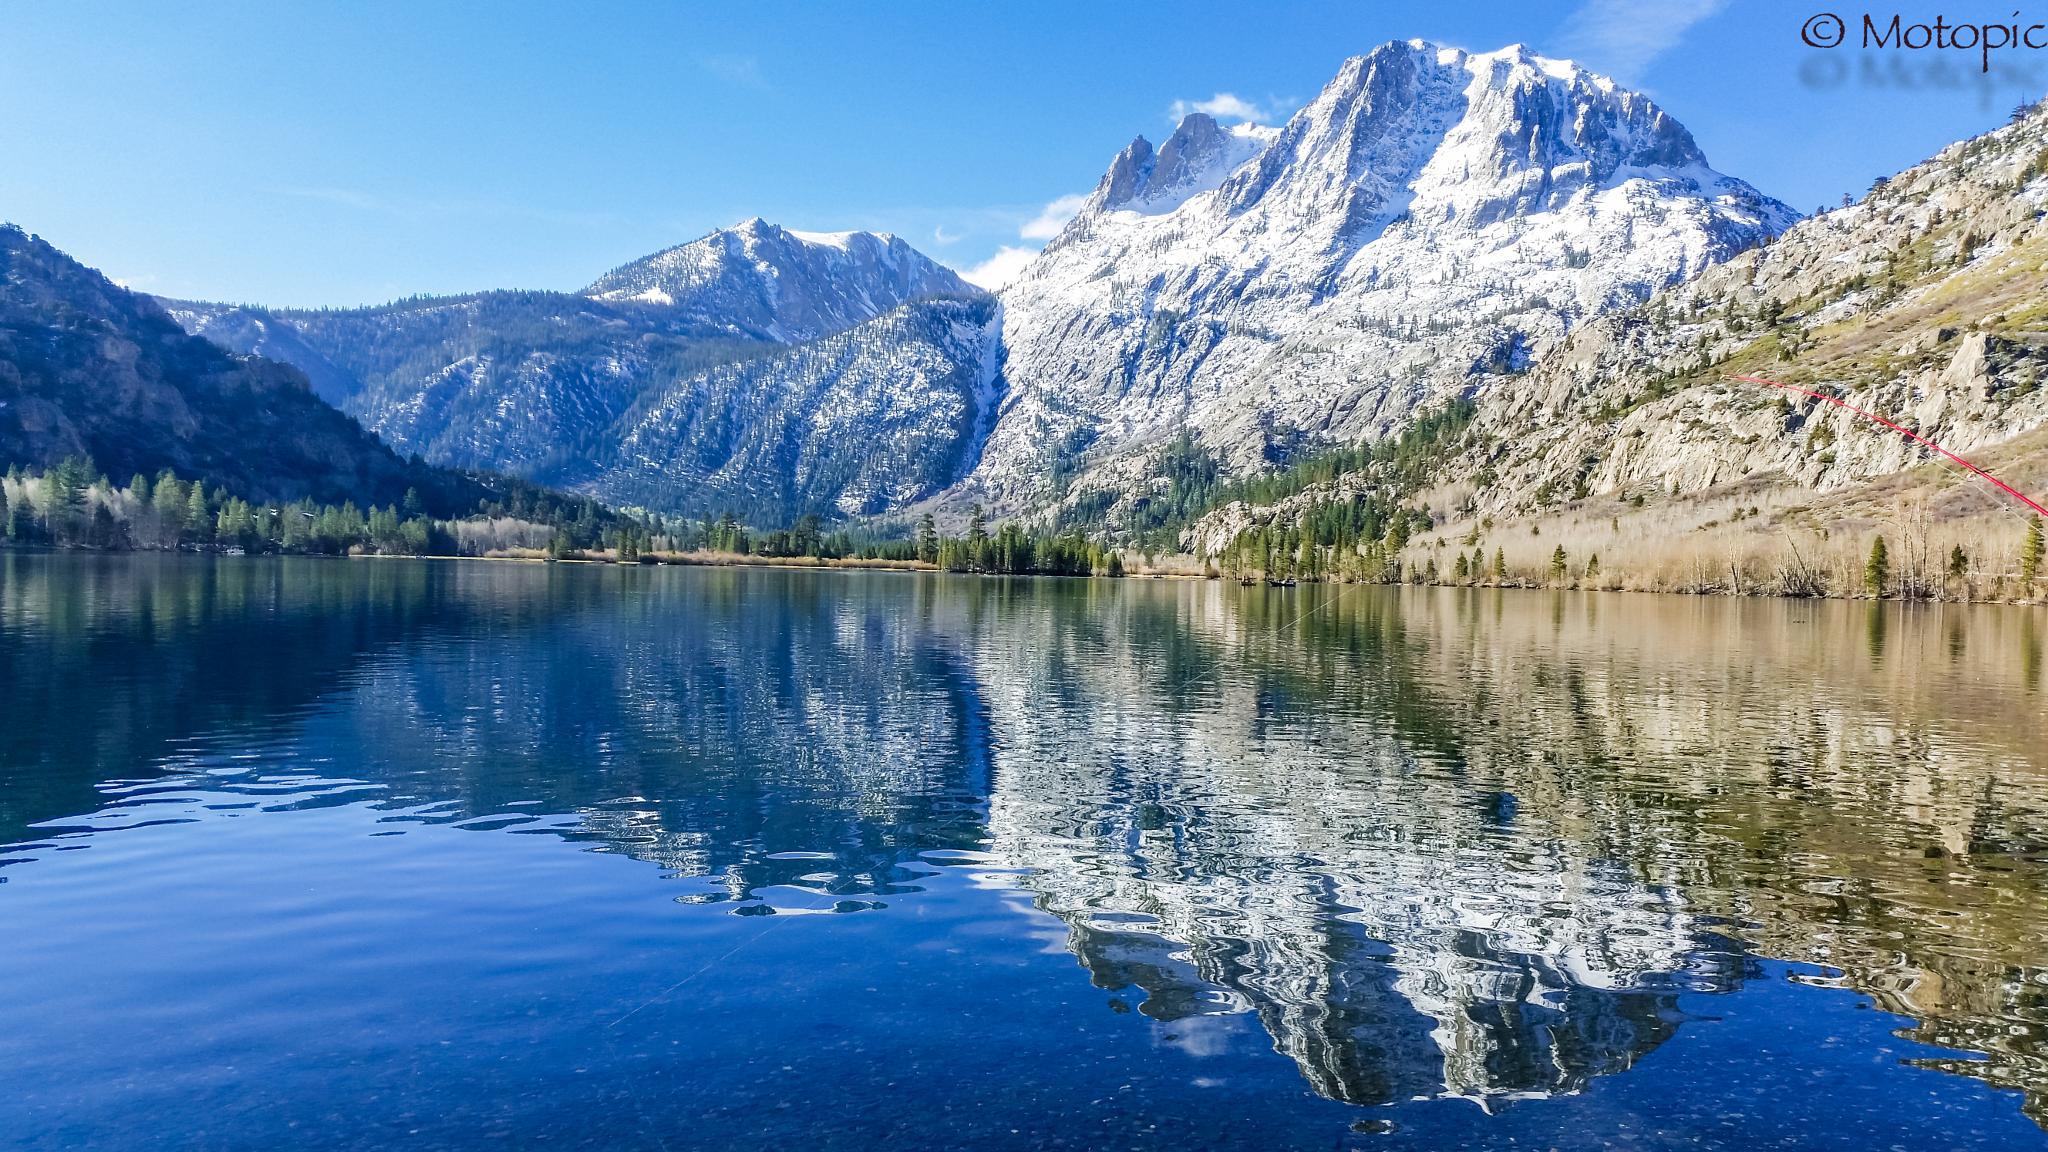 Silver Lake by J.E. Alba